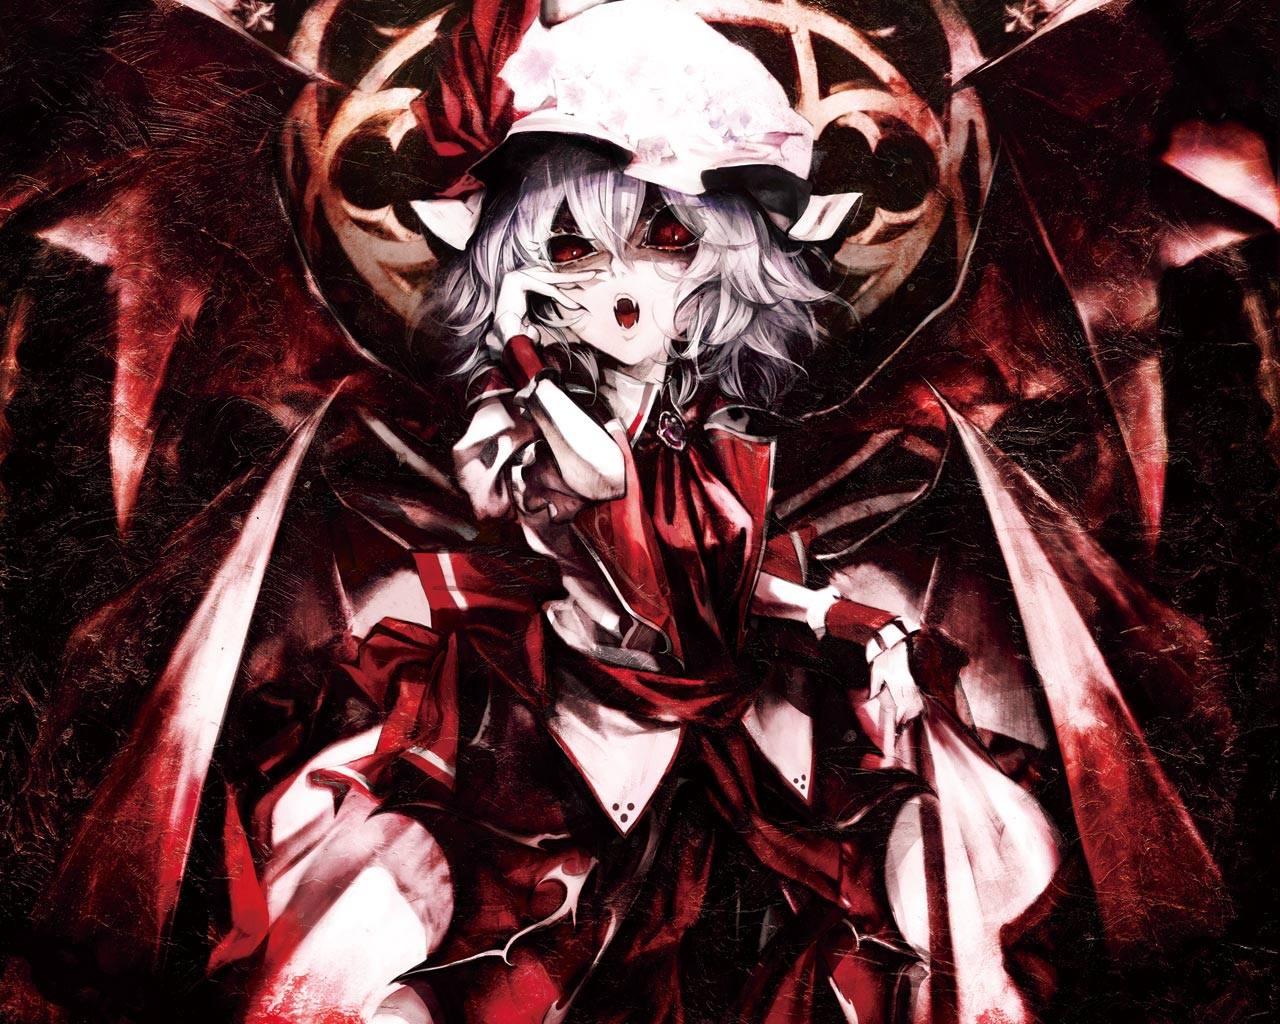 Anime Vampire Girl Wallpapers - Top Free Anime Vampire Girl